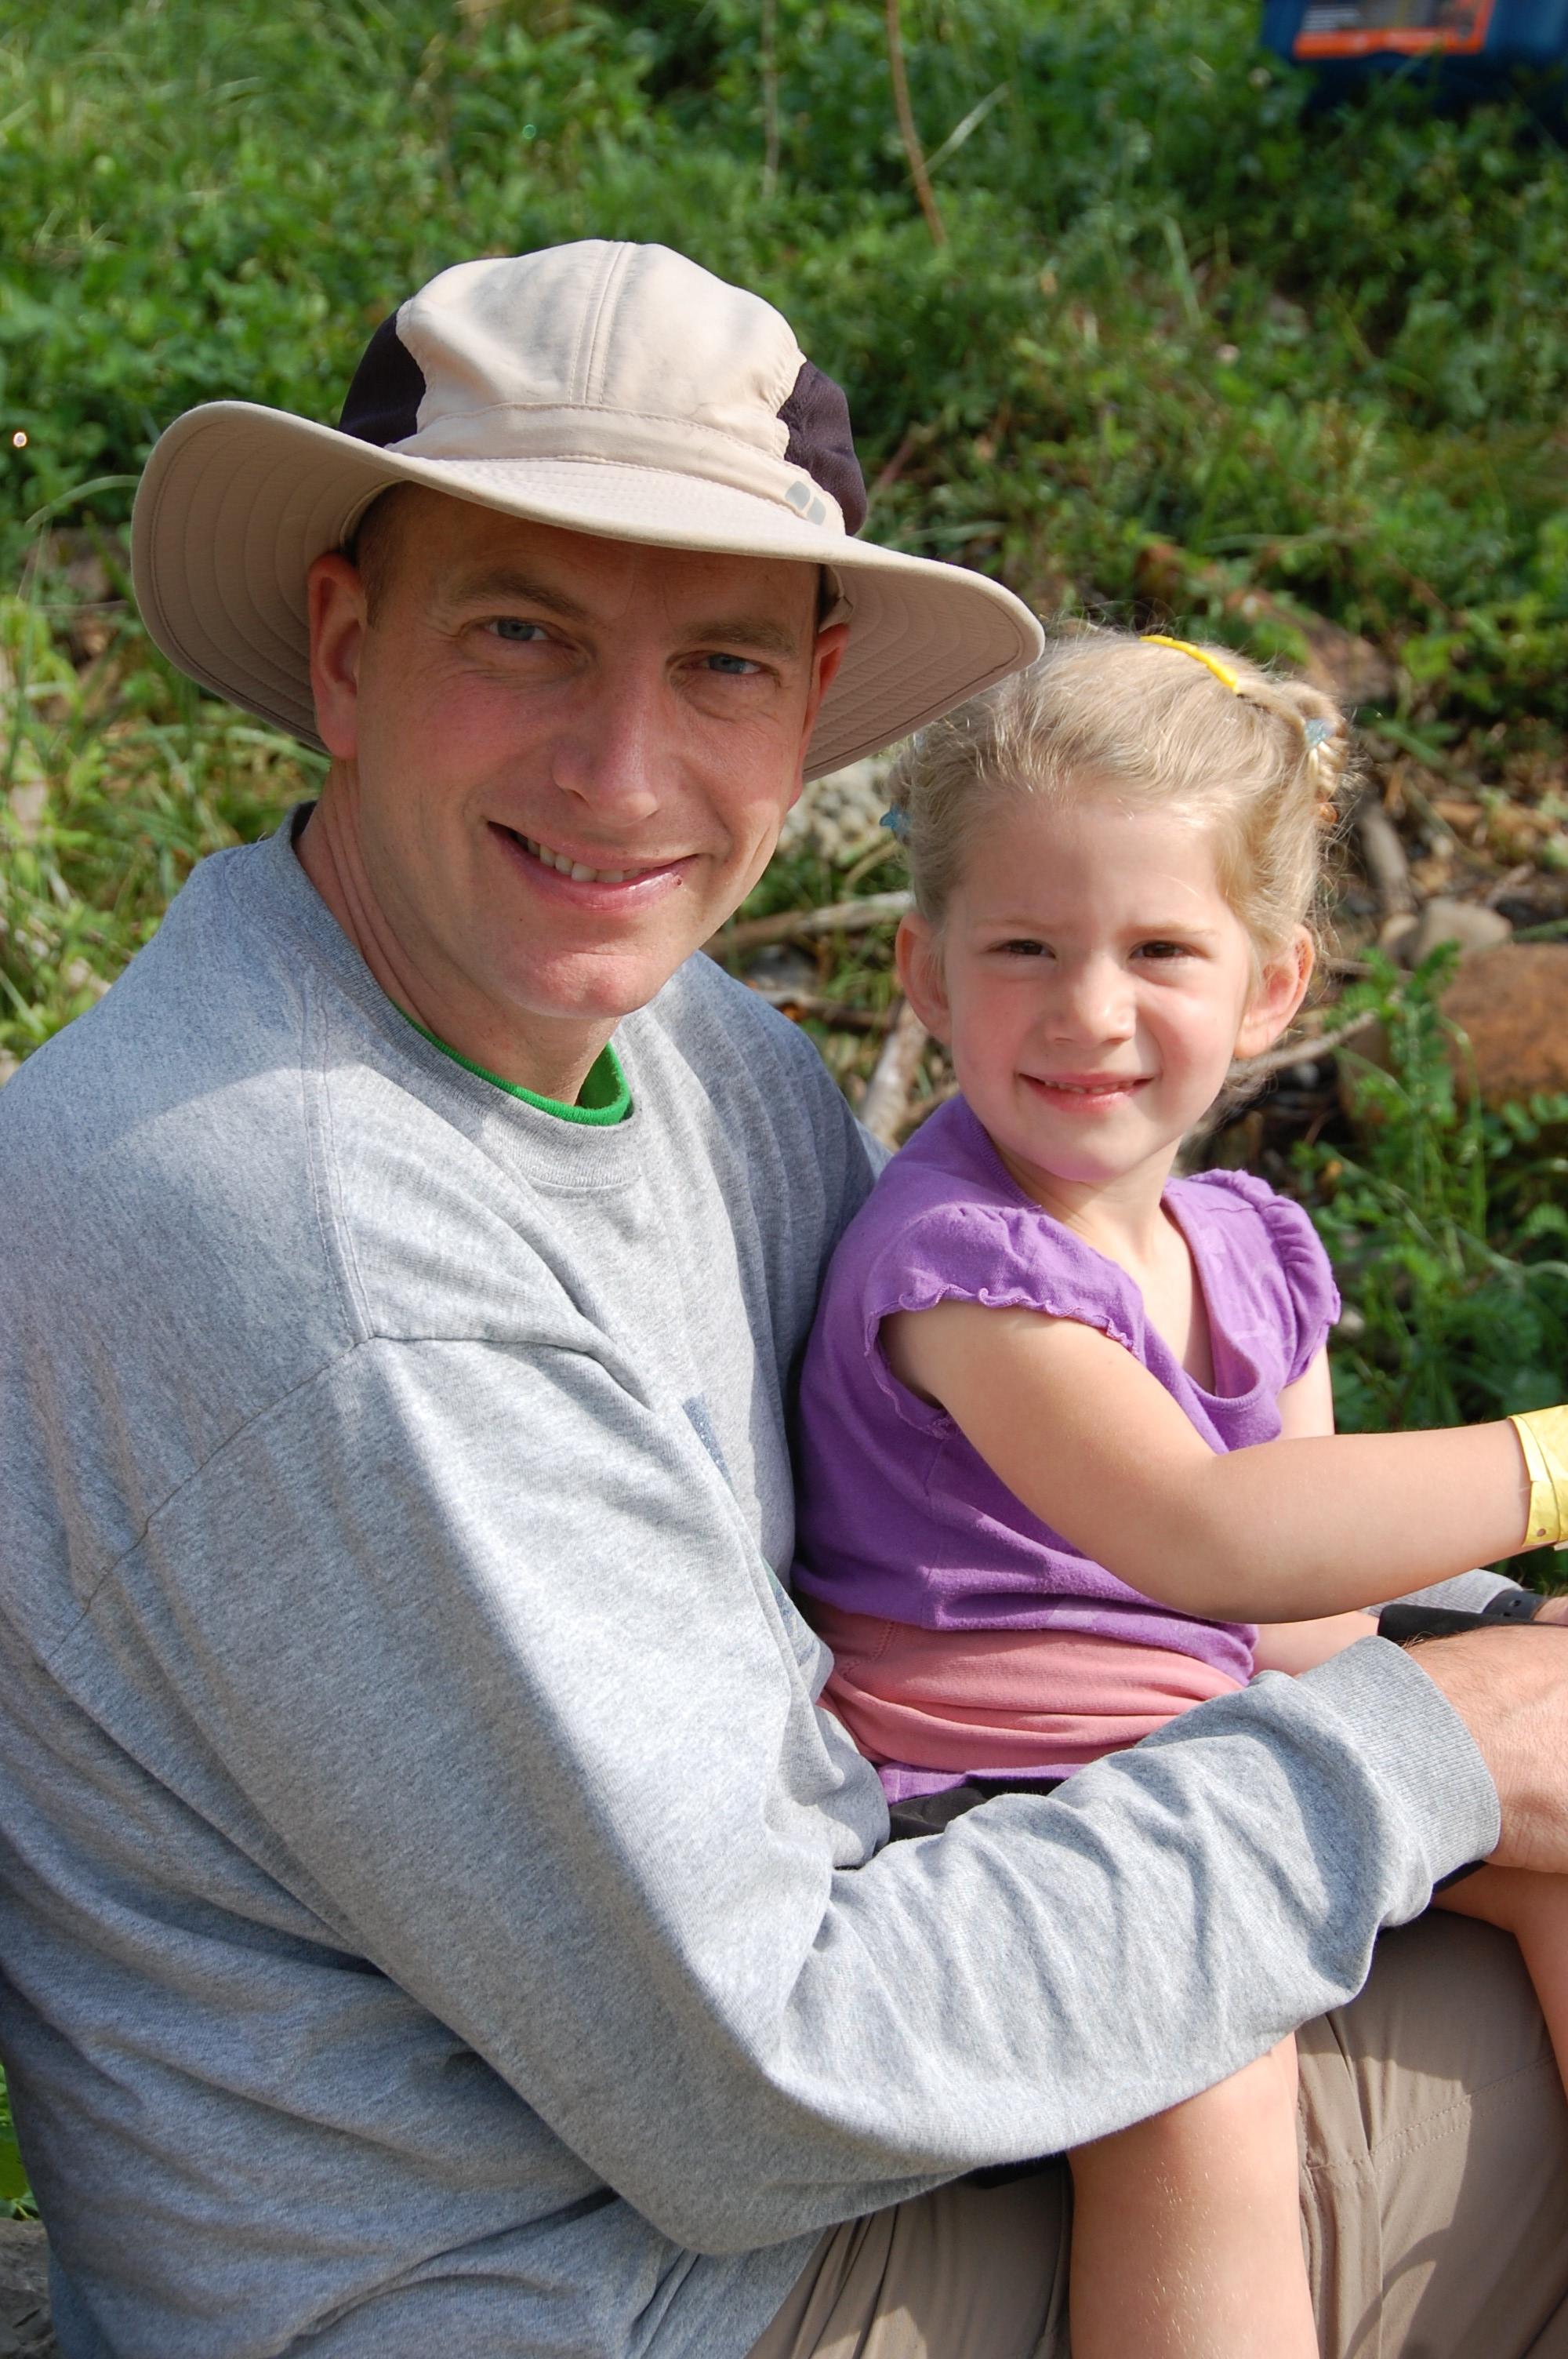 Kaylin & her good-looking Dad